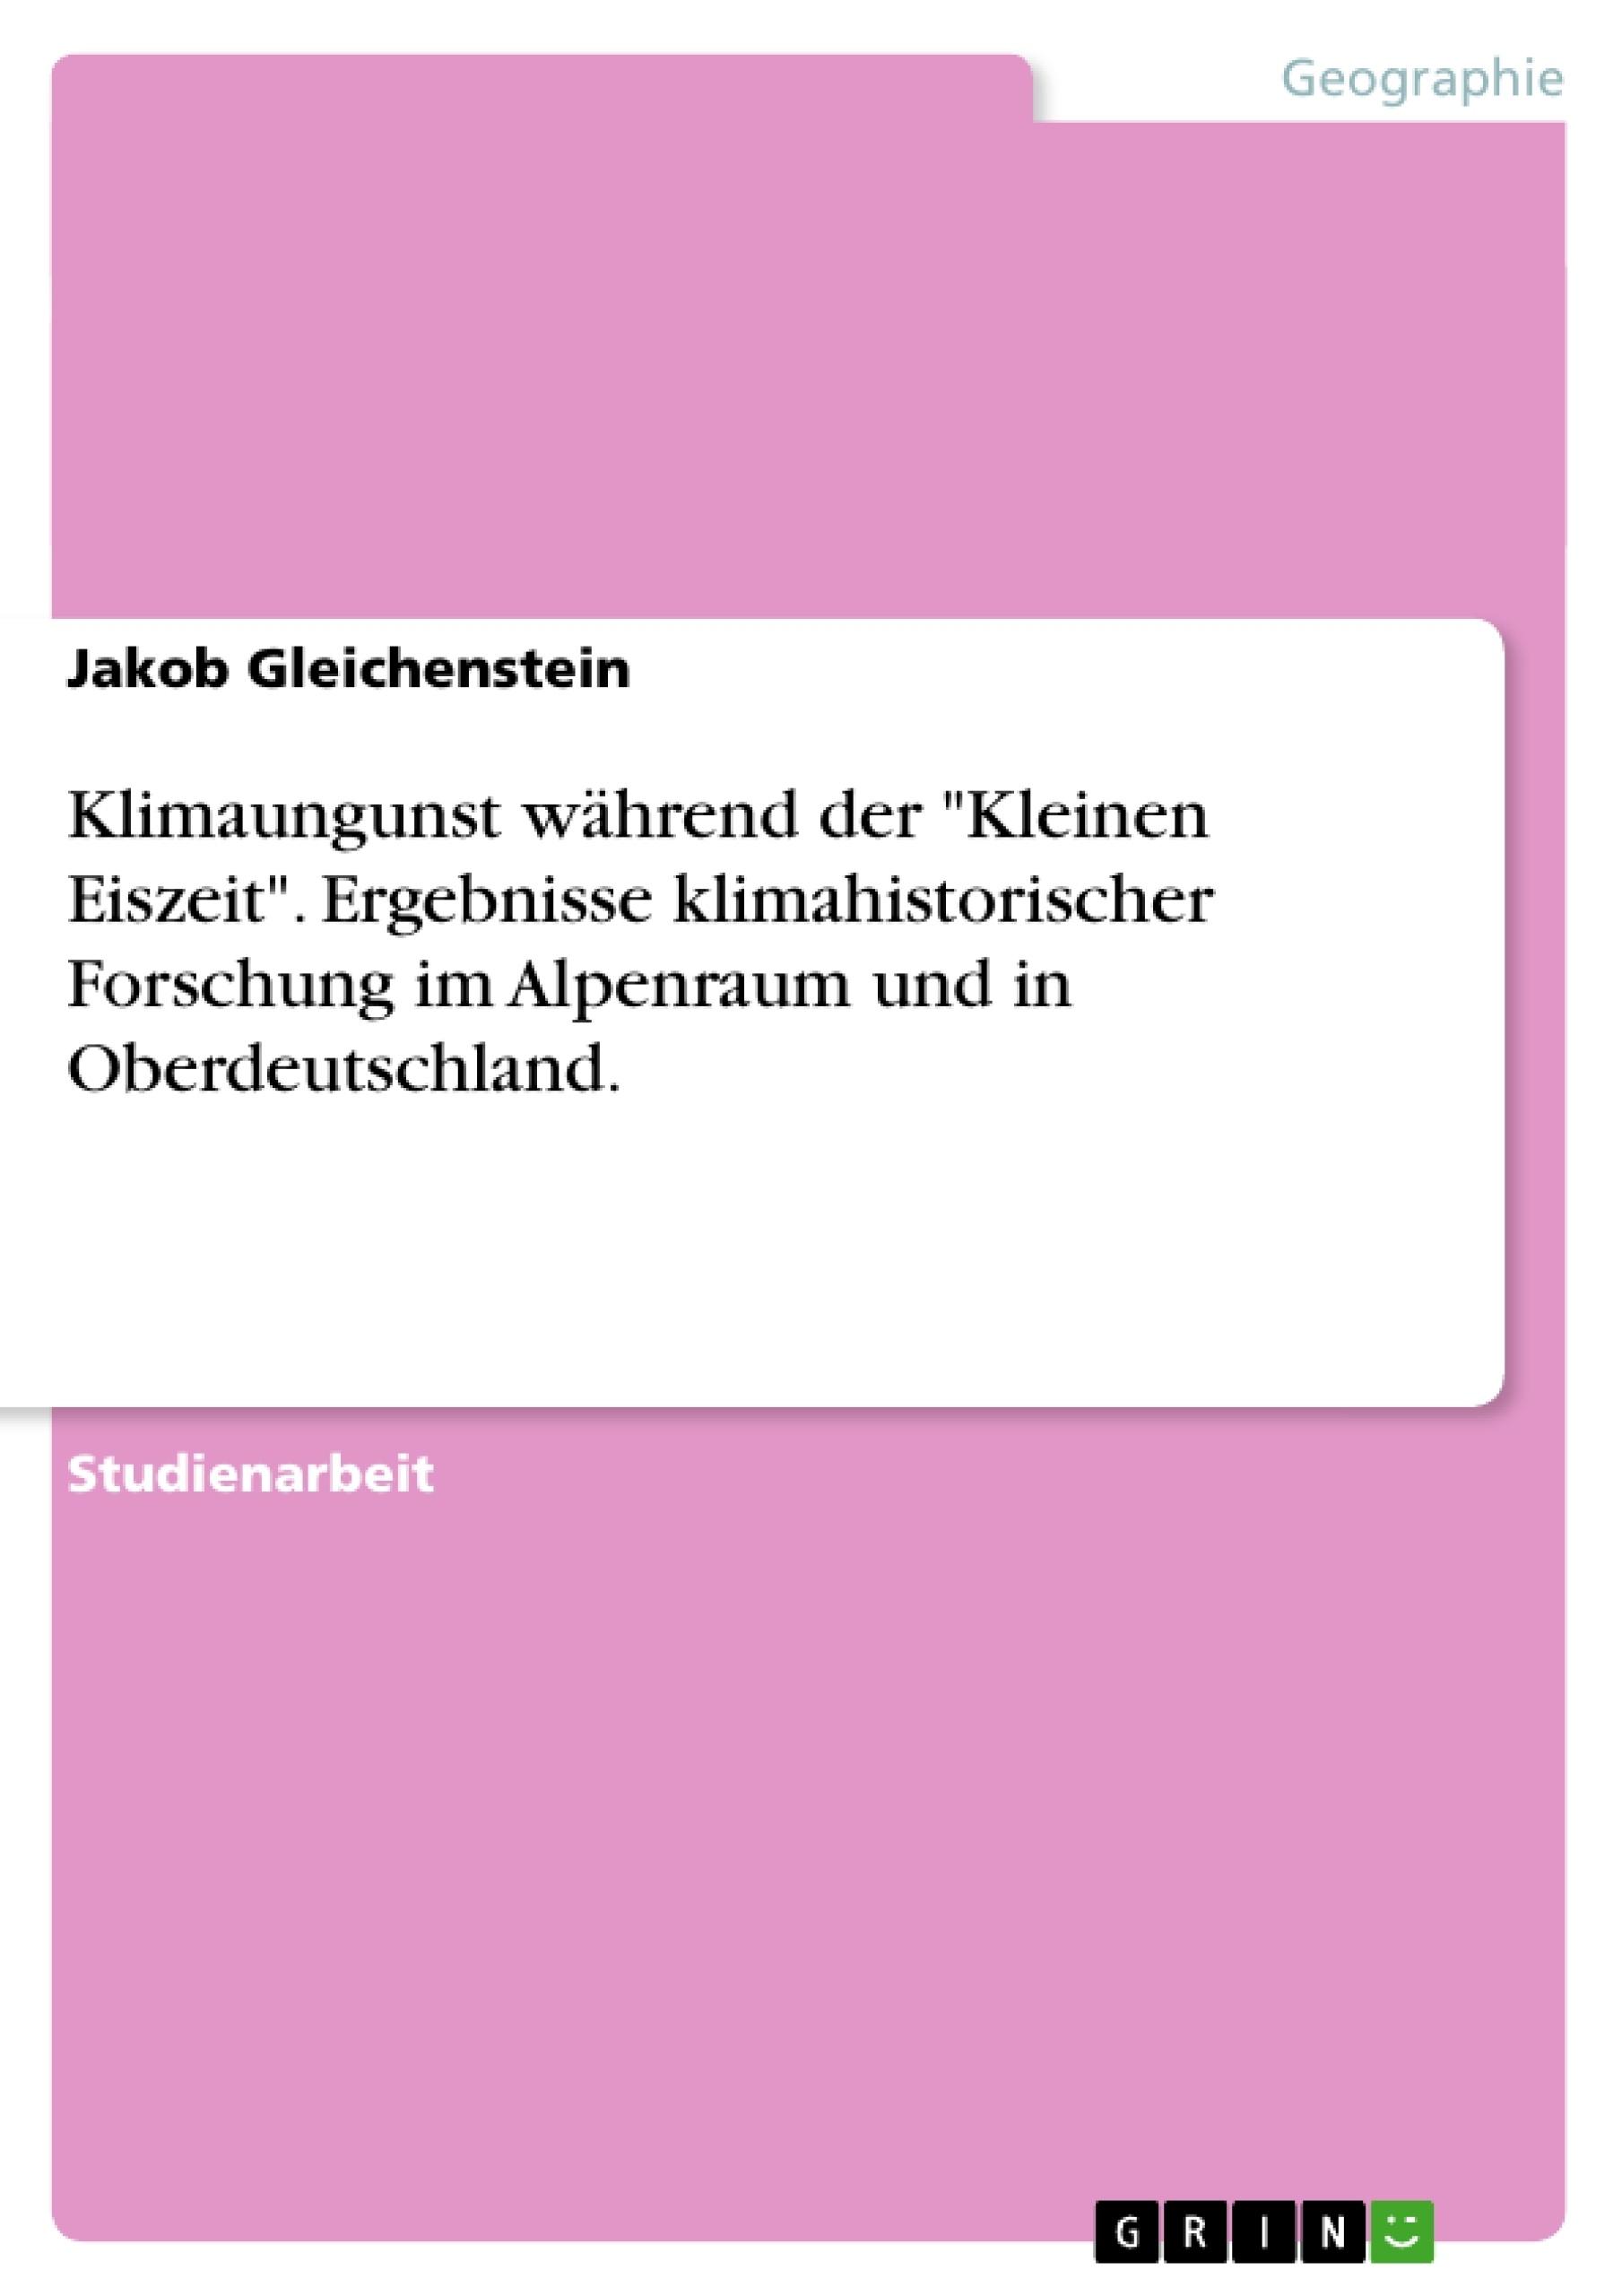 """Titel: Klimaungunst während der """"Kleinen Eiszeit"""". Ergebnisse klimahistorischer Forschung im Alpenraum und in Oberdeutschland."""